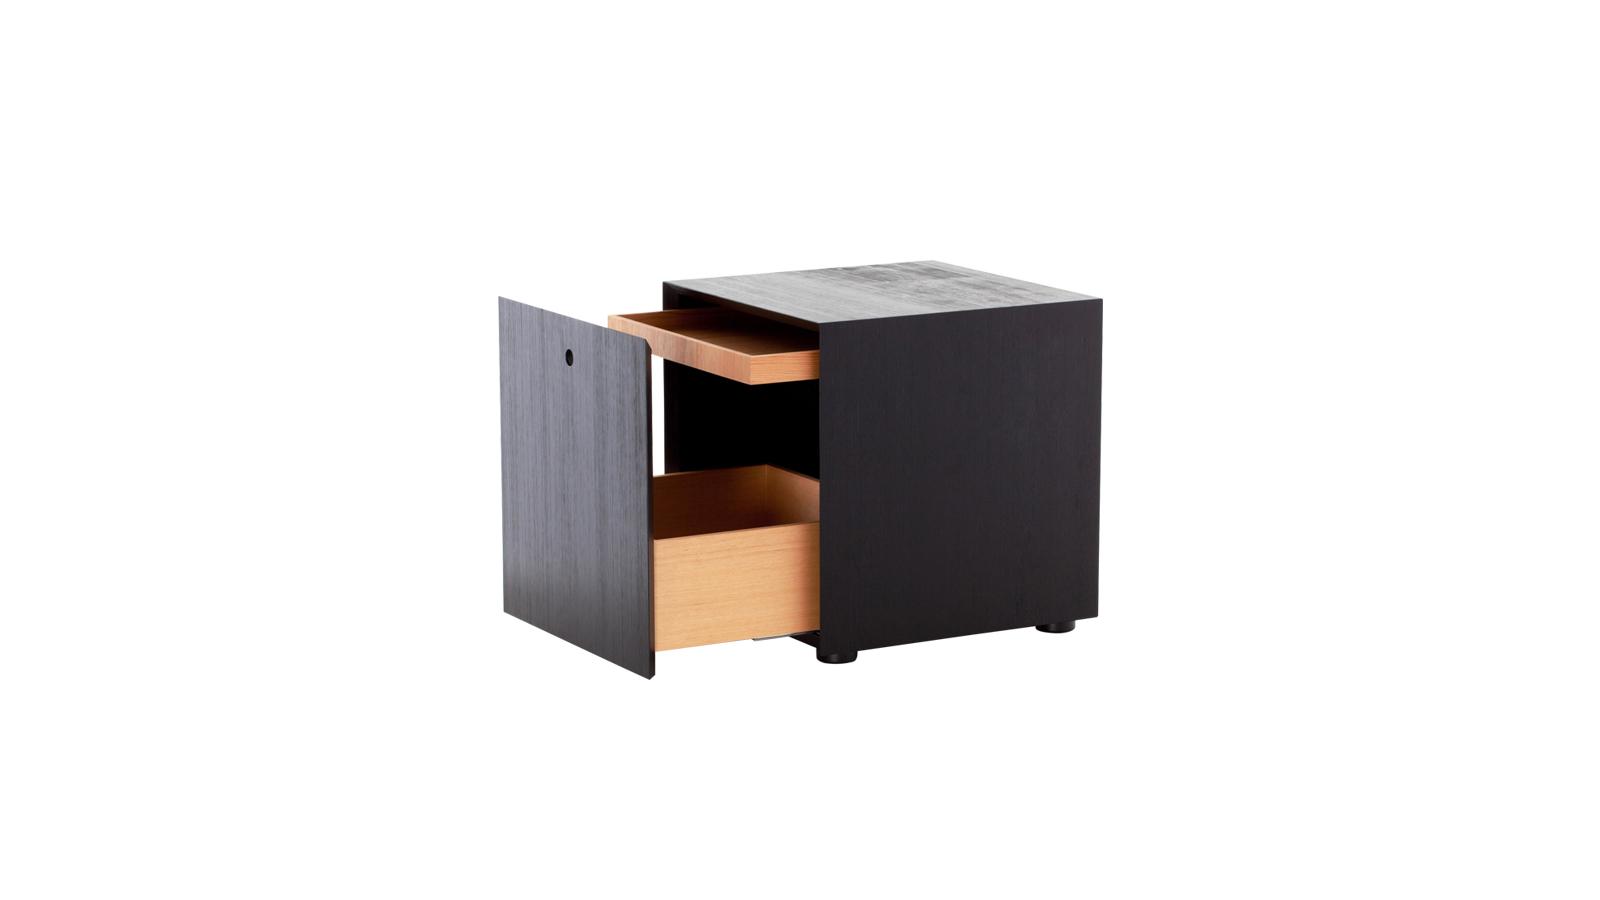 """""""A Porro Offsore éjjeli szekrénye egy sokoldalú kiegészítője bármely ágynak a Porro kollekcióból, de akár önálló darabként is használható. Geometrikussága rendet sugároz, a zártsága pedig bizalmat: a fiókrészbe helyezett tárgyak nincsenek szem előtt. """""""